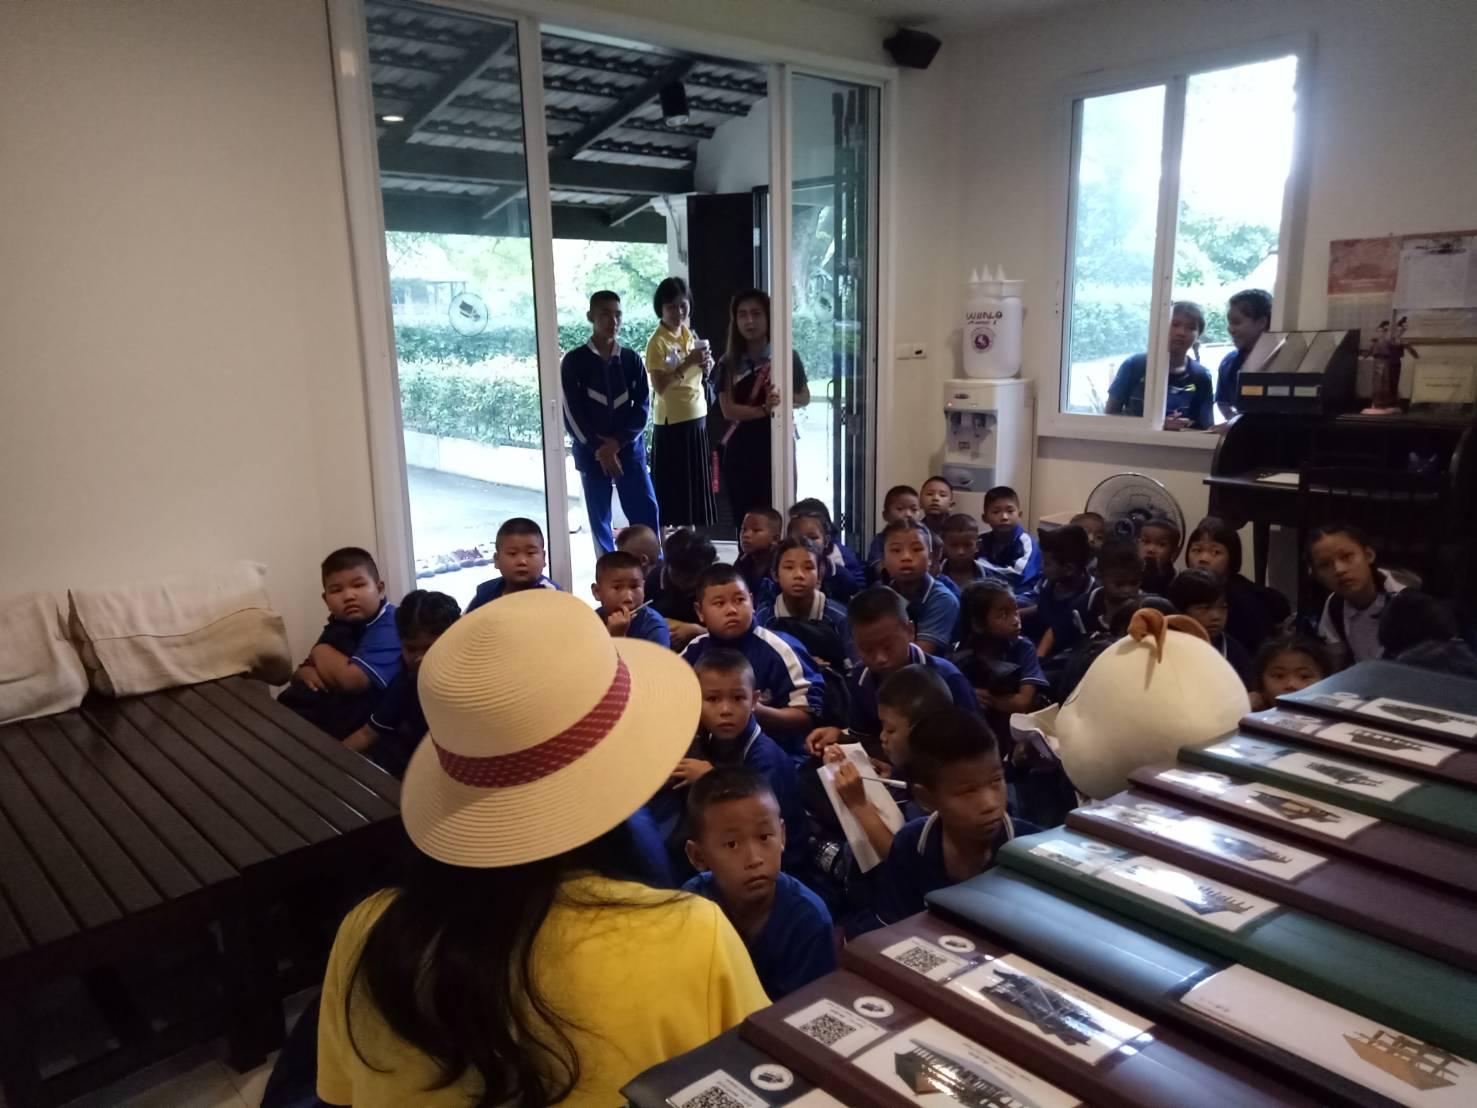 คณะครูและนักเรียนจากโรงเรียนป่าตาลเข้าทัศนศึกษาพิพิธภัณฑ์เรือนโบราณล้านนา